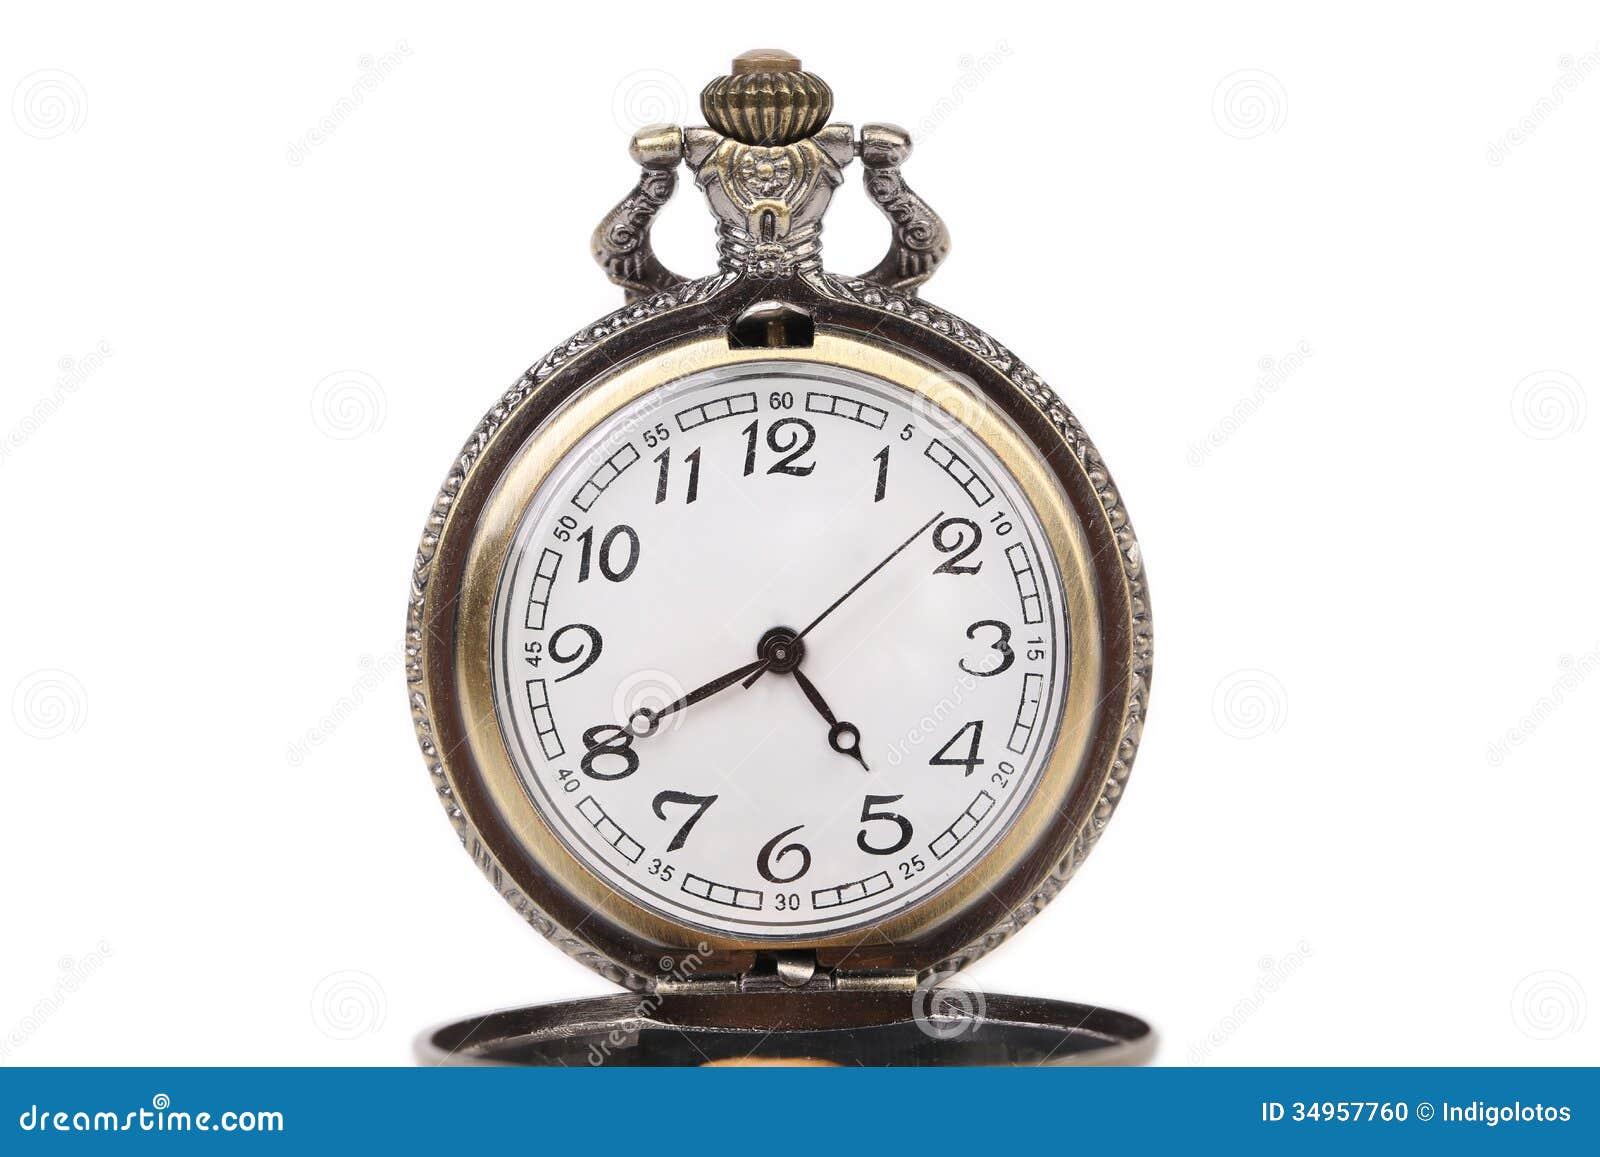 Antike taschenuhr  Antike Taschenuhr. Stockfoto - Bild: 34957760